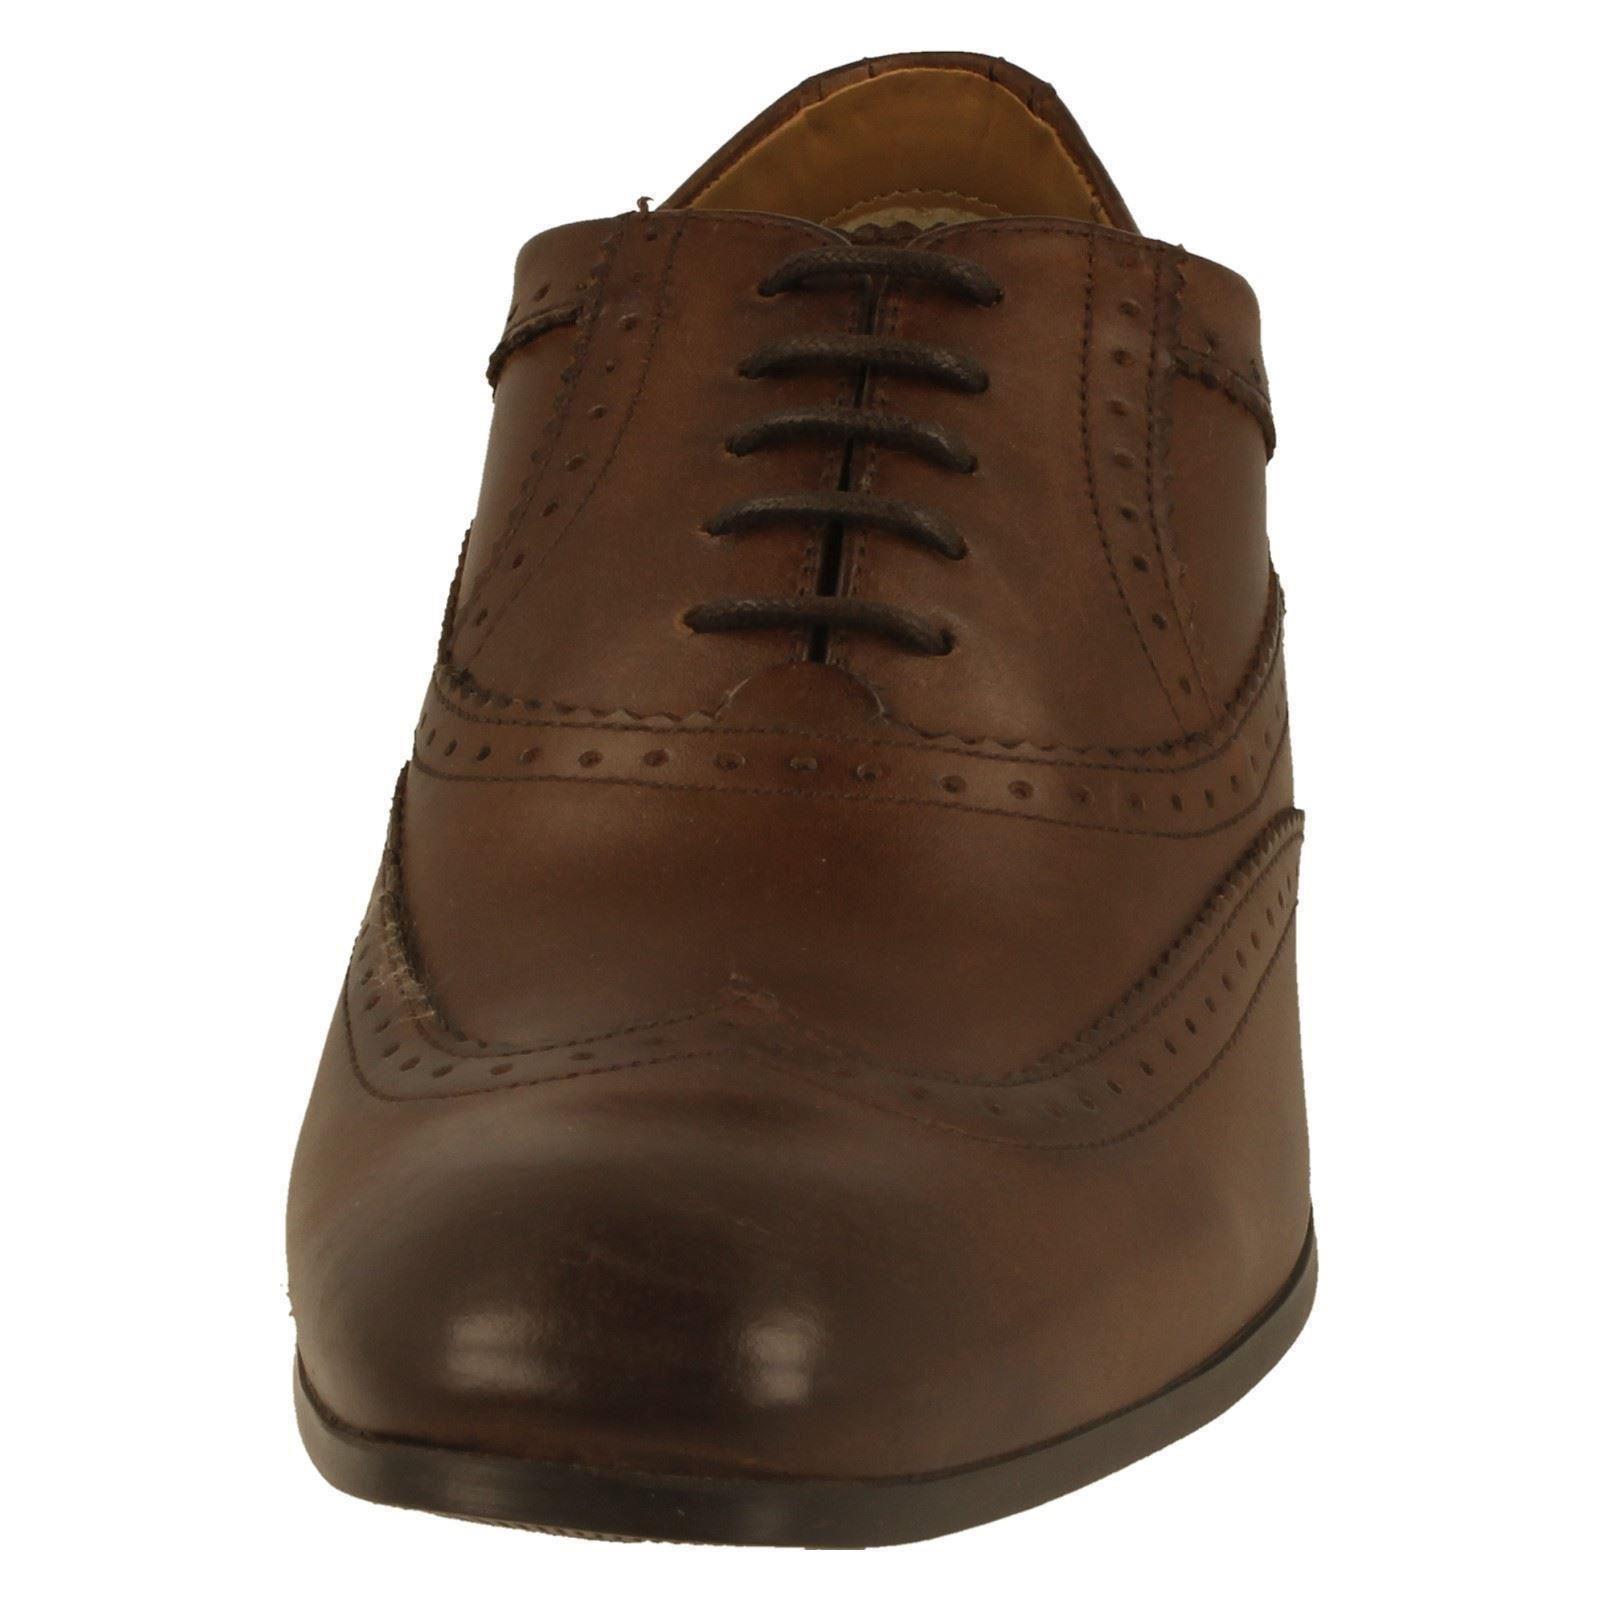 Da Uomo Base London London Base Scarpe Formali etichetta di corte Mto-W Scarpe classiche da uomo 447271